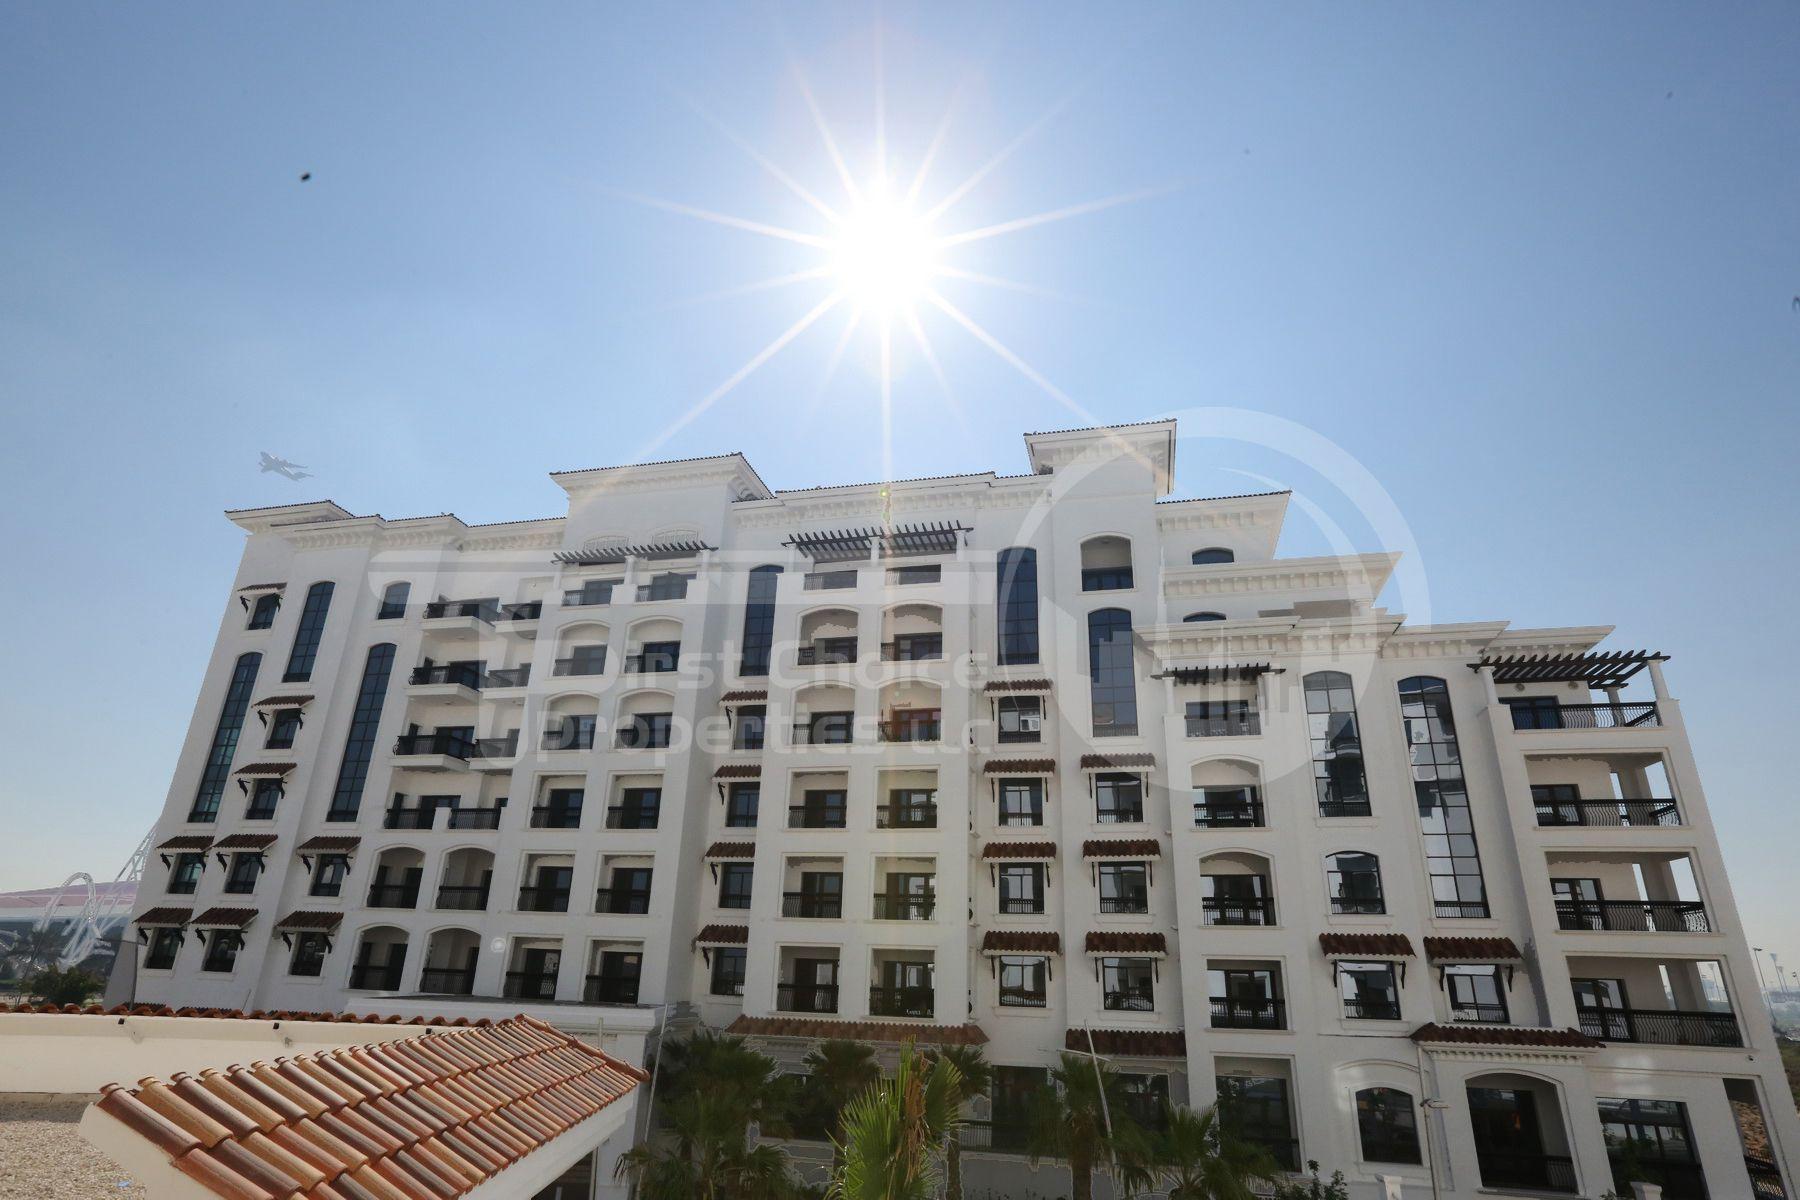 Studio - 1BR - 2BR - 3BR Apartment - UAE - Abu Dhabi - Yas Island - Ansam (23).jpg